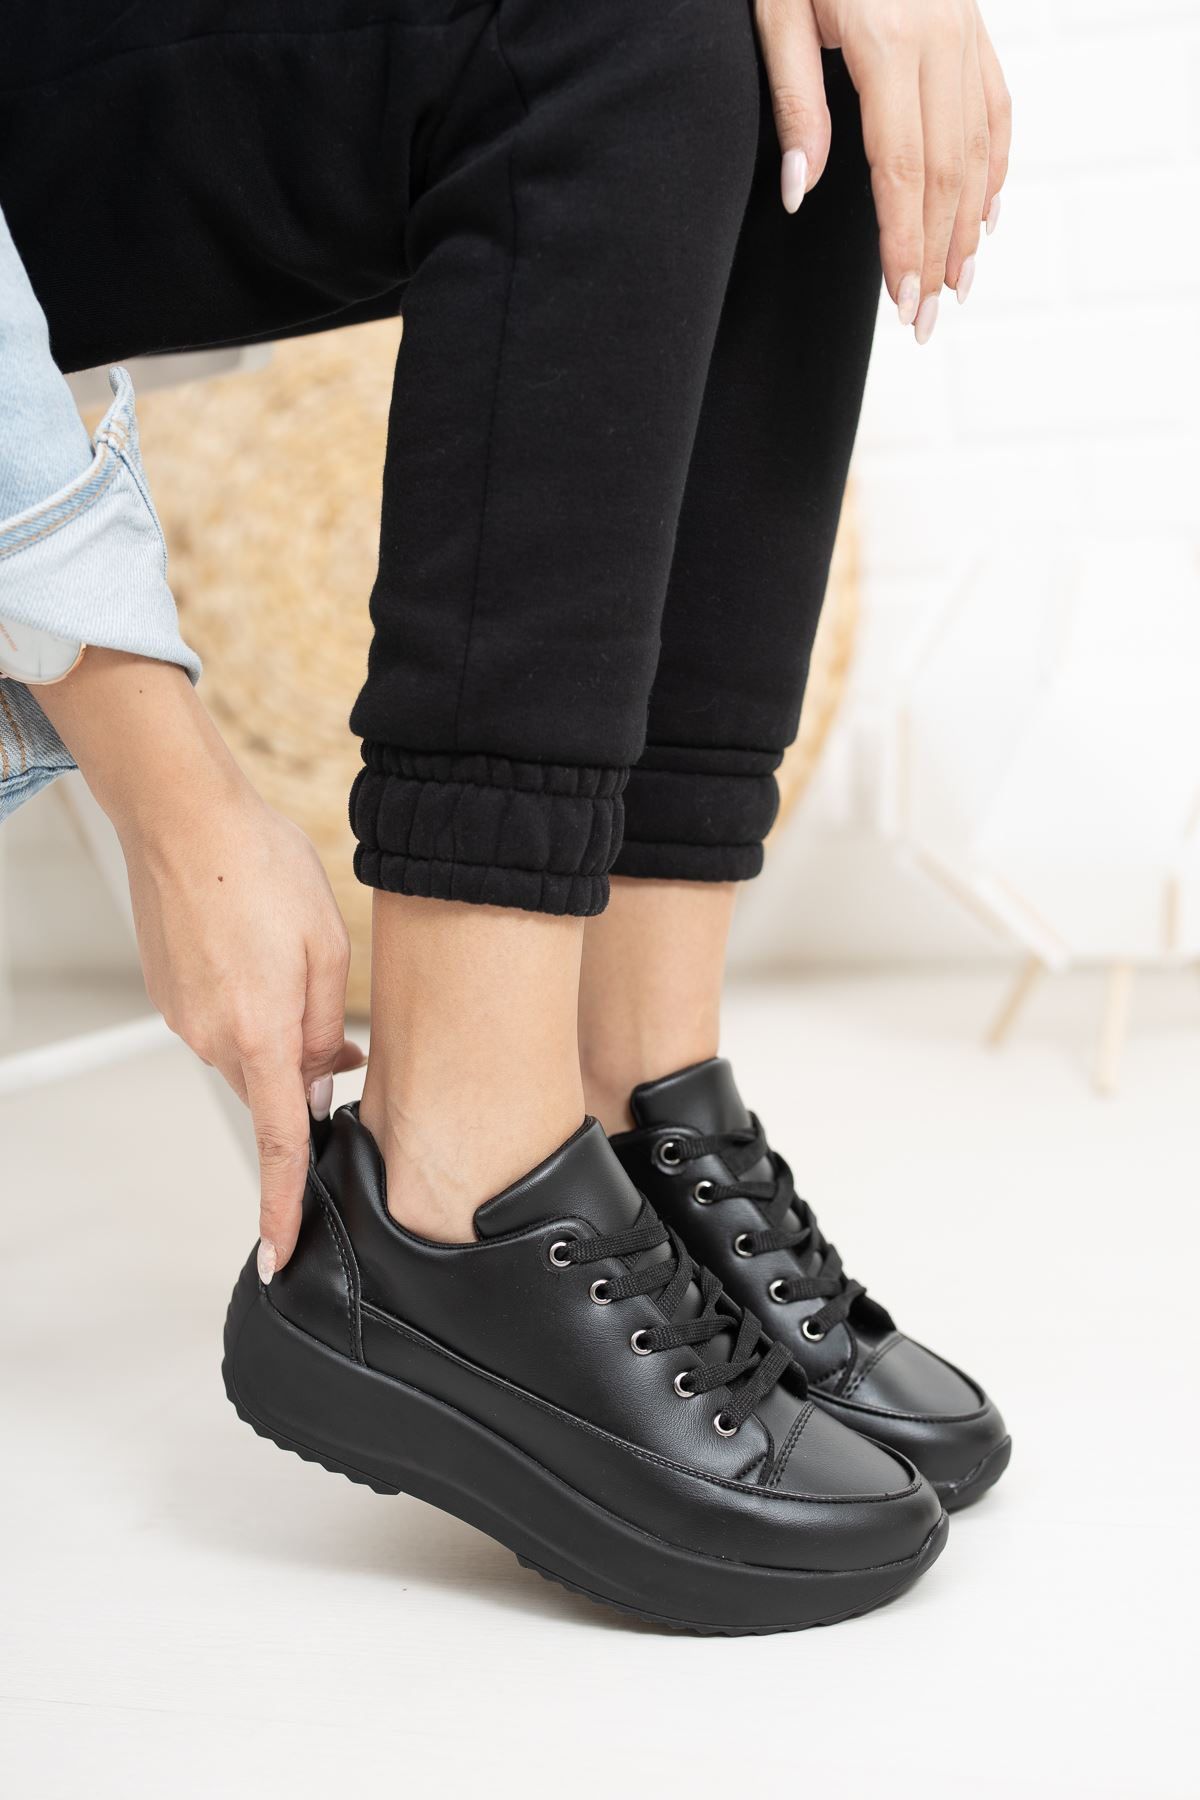 Gladiolia Siyah Yüksek Taban Kadın Spor Ayakkabı